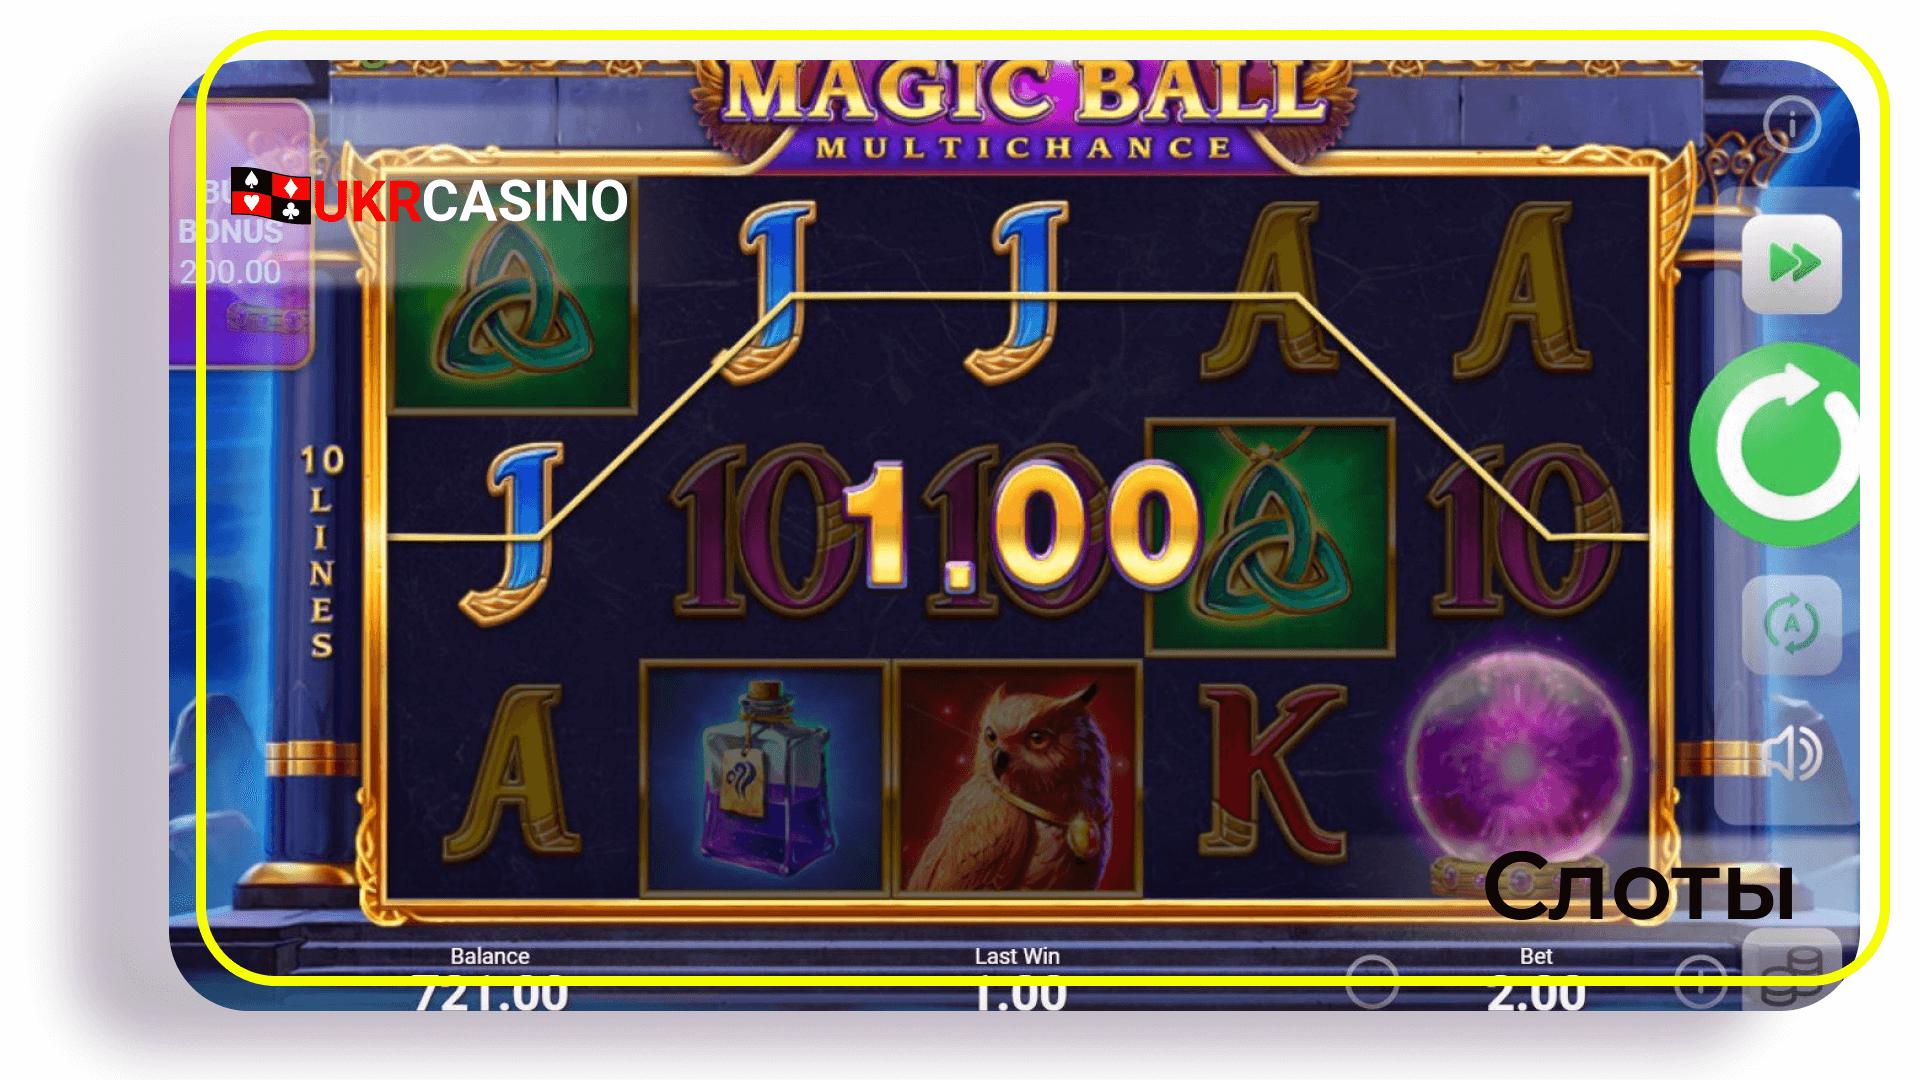 Magic Ball: Multichance - Booongo